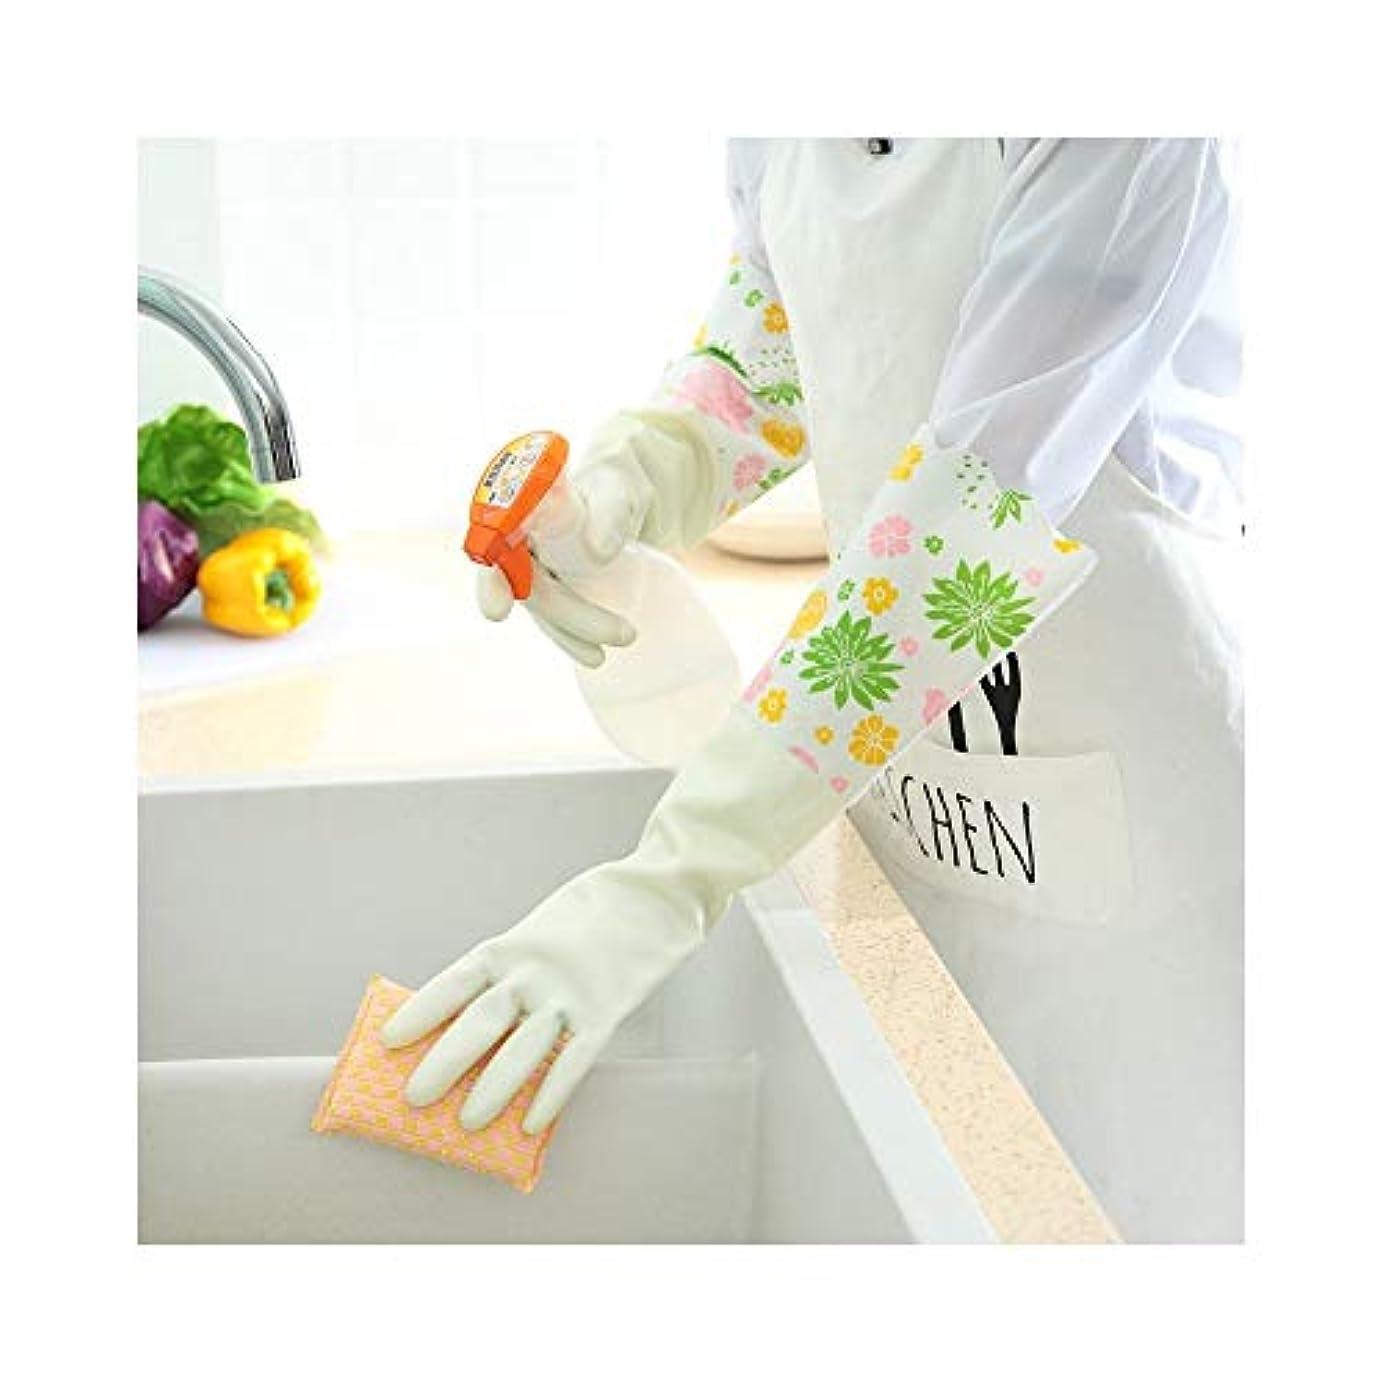 無法者信頼性のある支配する使い捨て手袋 キッチン用手袋防水性と耐久性のあるゴム製家事用手袋、1ペア ニトリルゴム手袋 (Color : GREEN, Size : L)